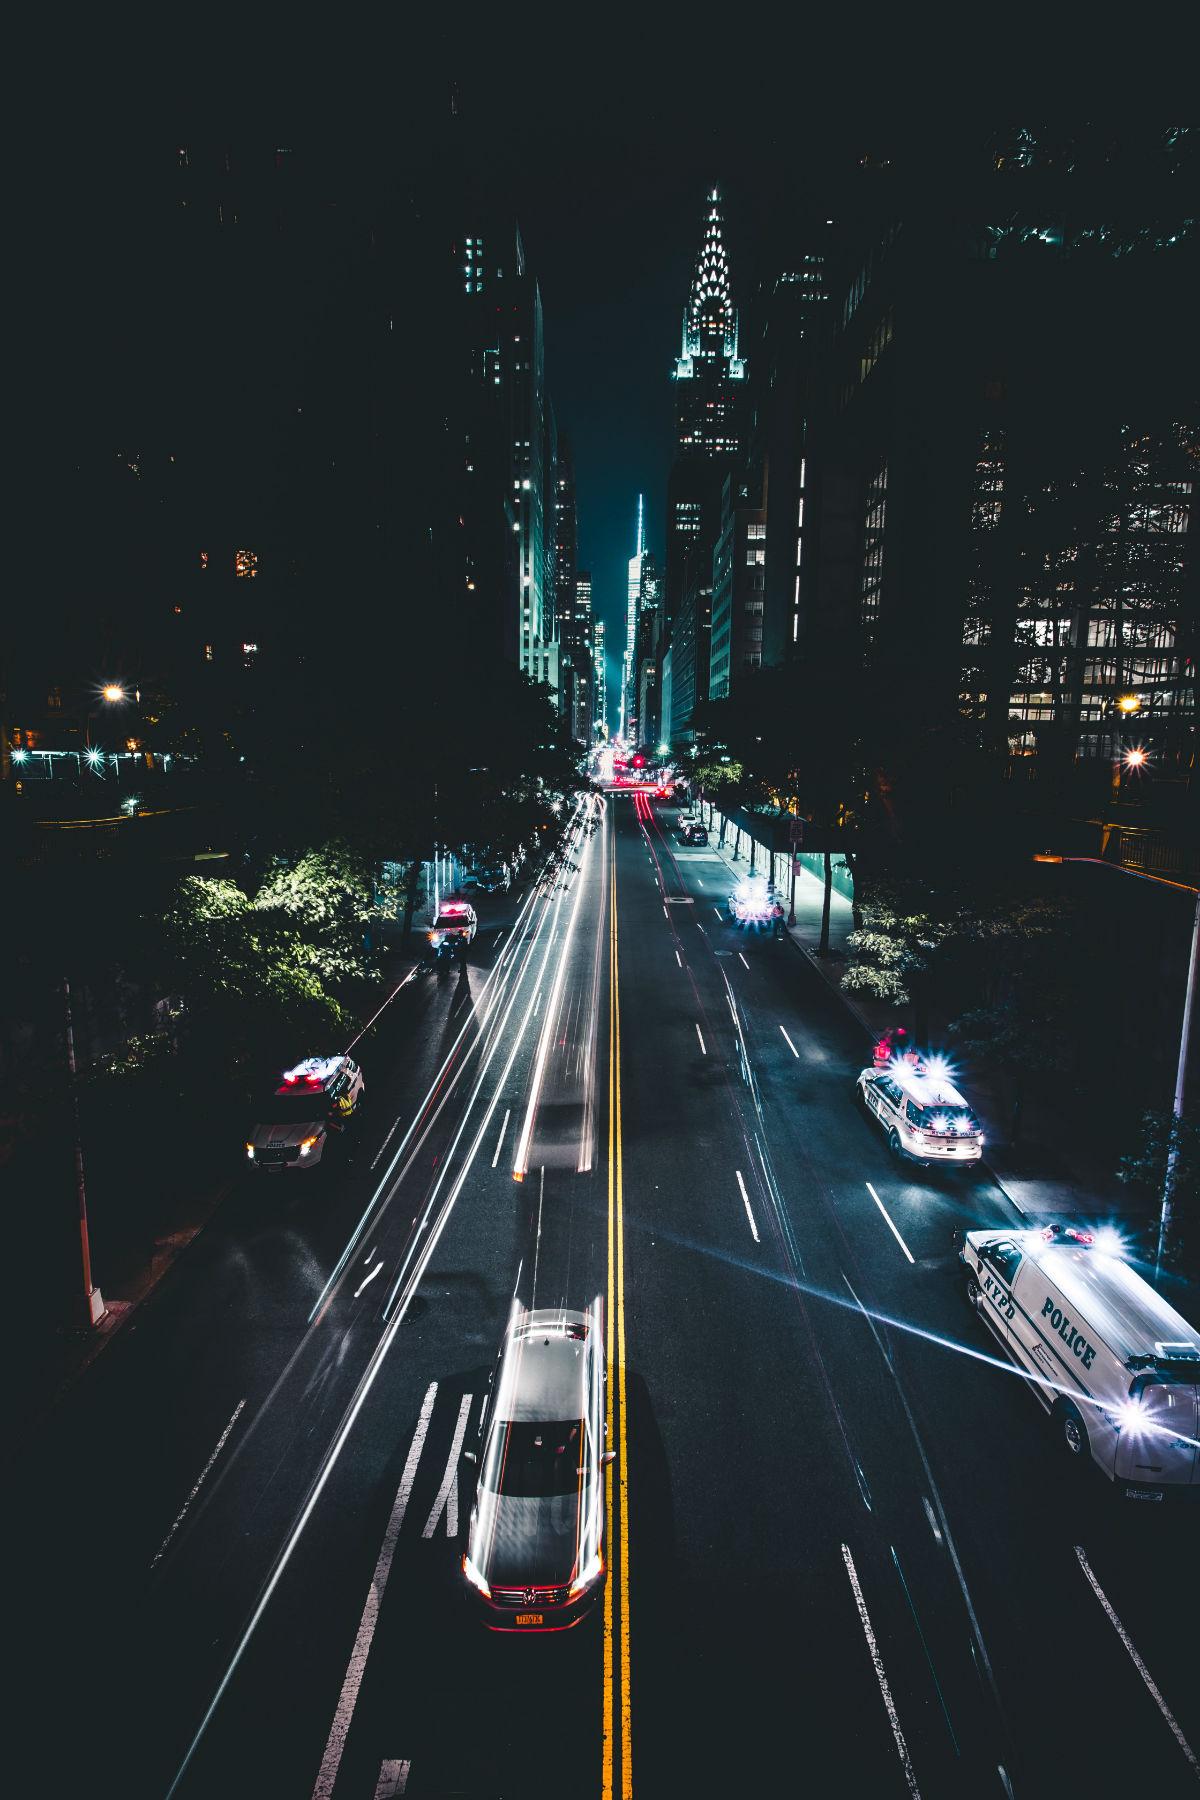 photographie de ville